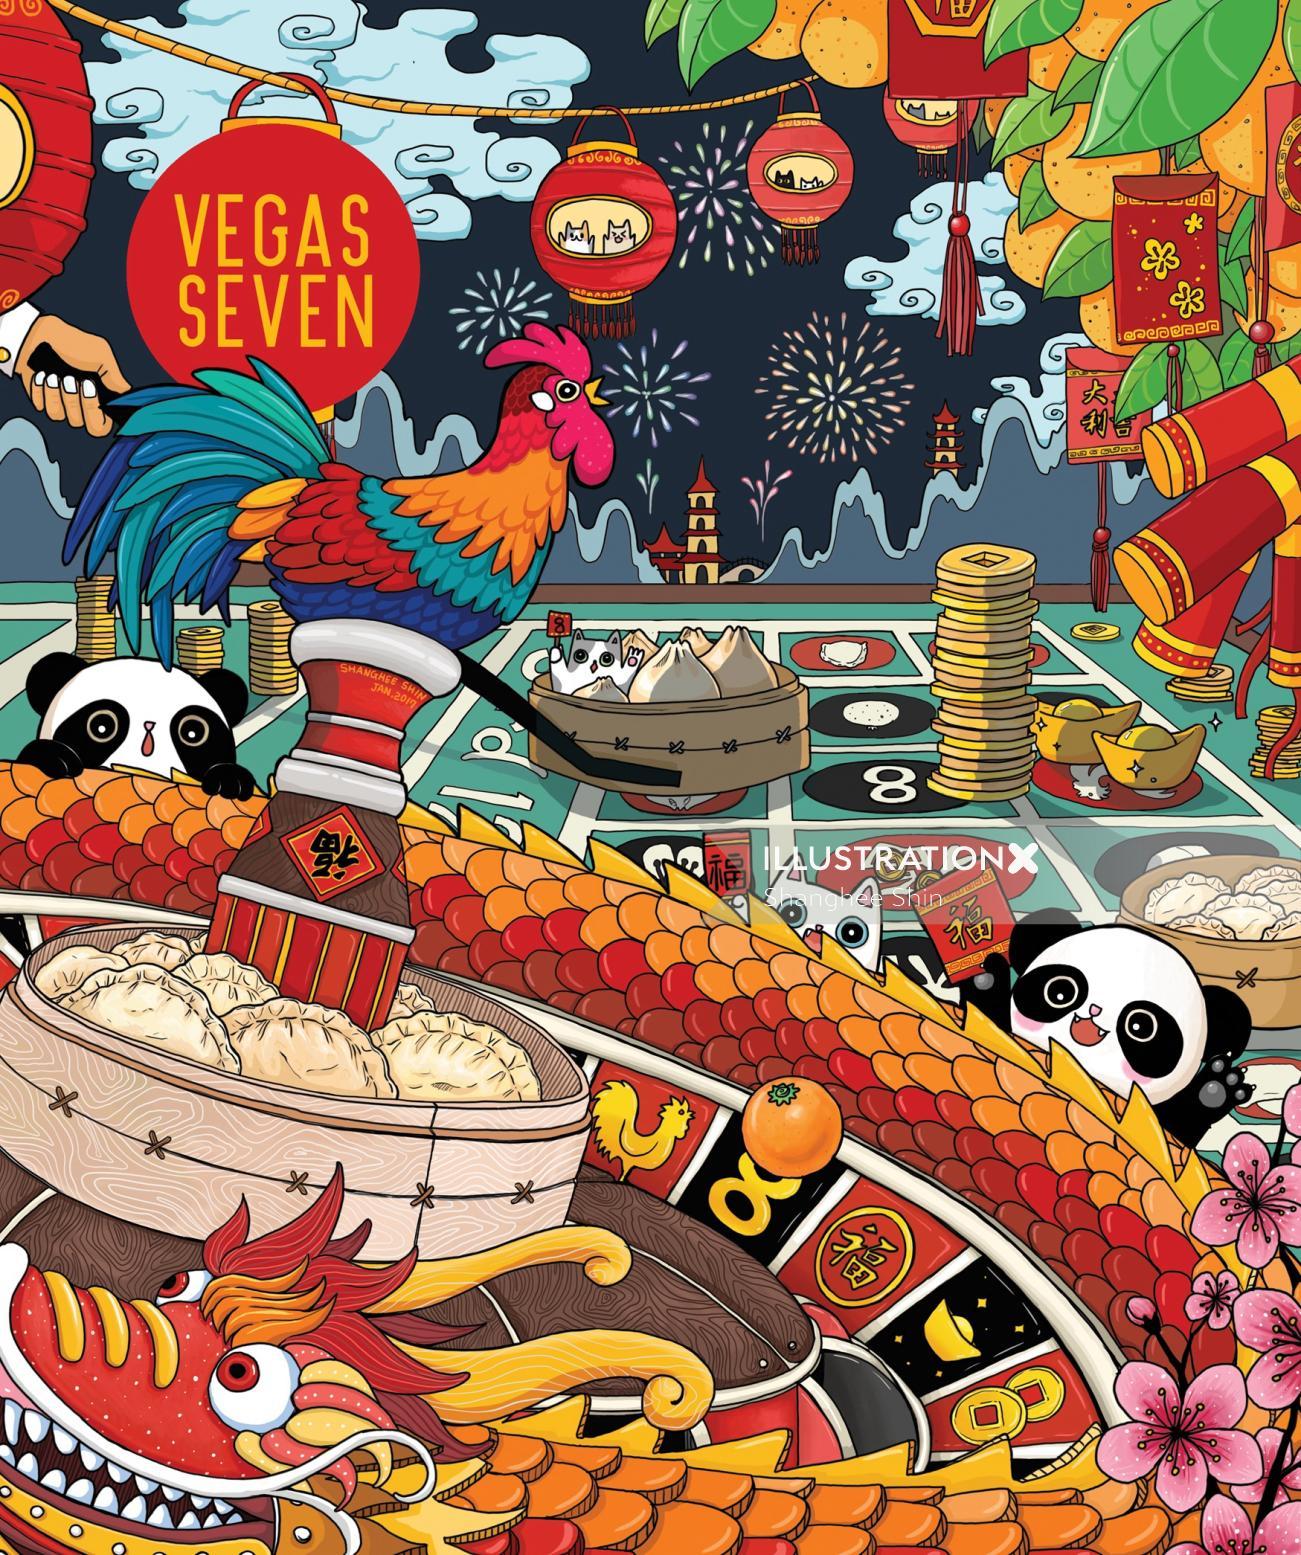 Cover Art of Vegas Seven Magazine